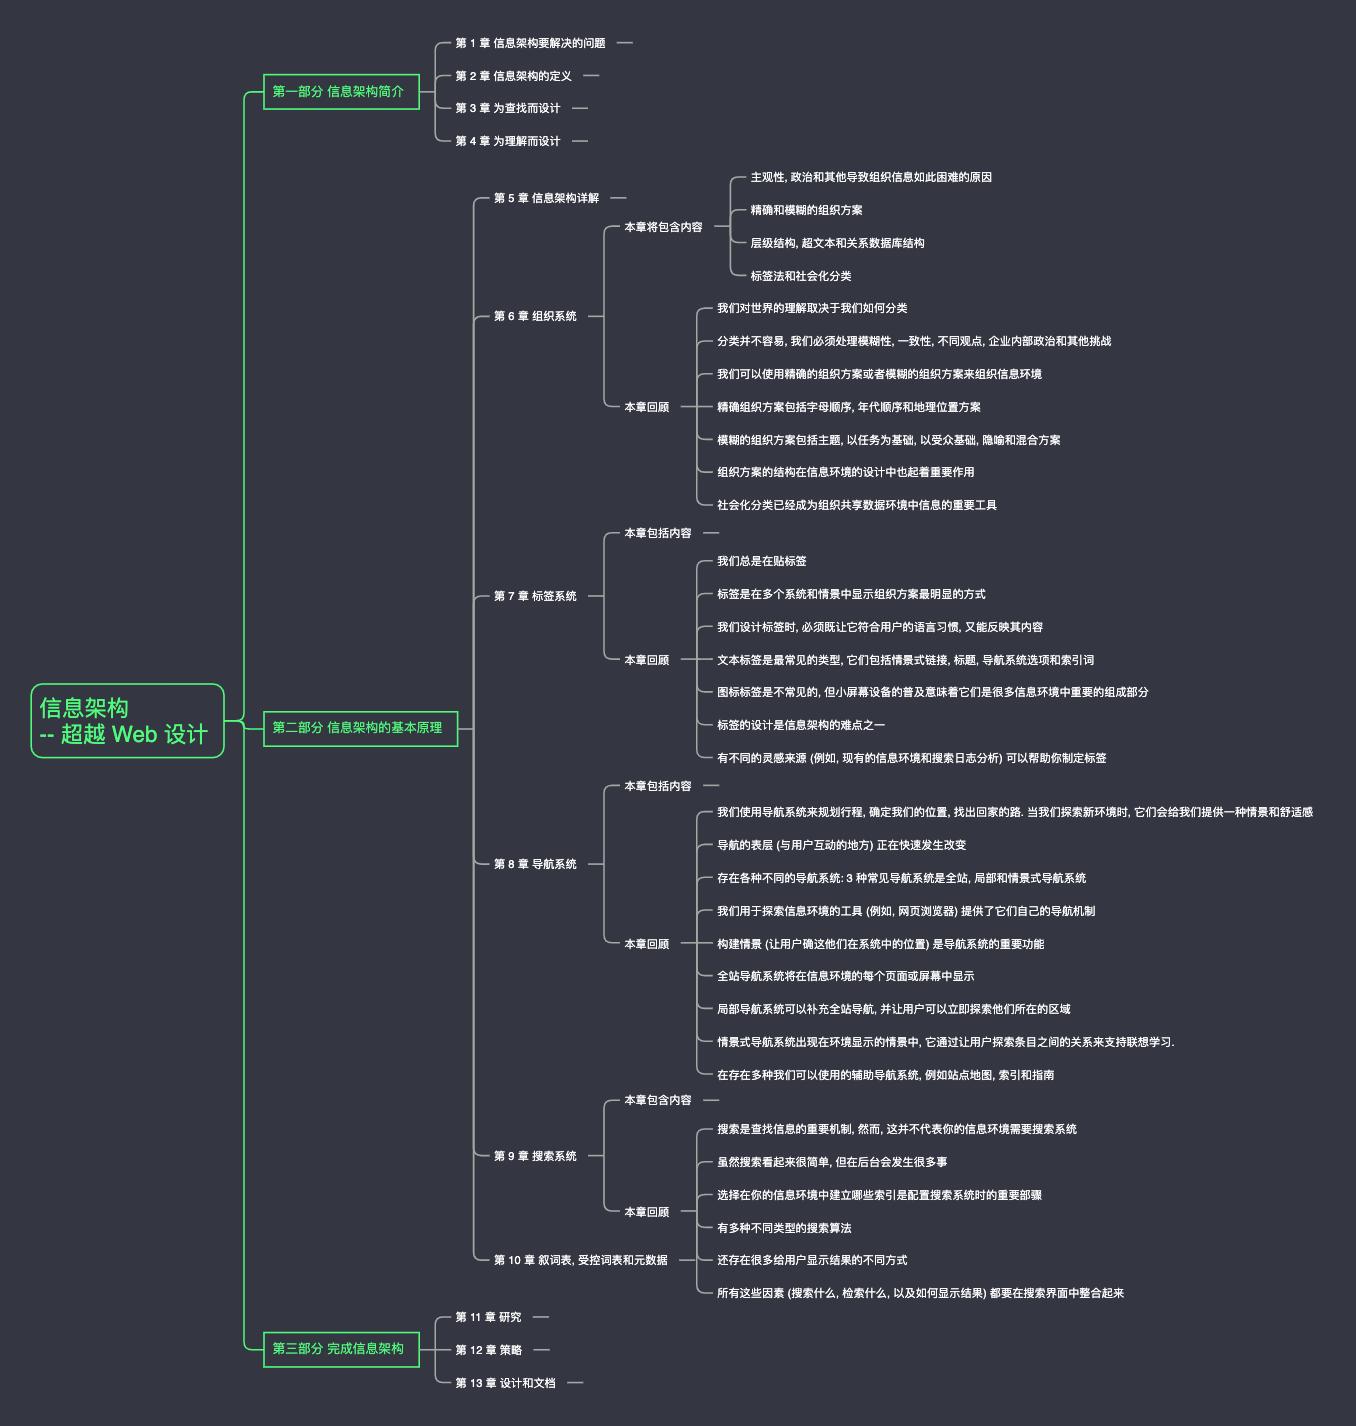 信息架构 -- 超越 Web 设计